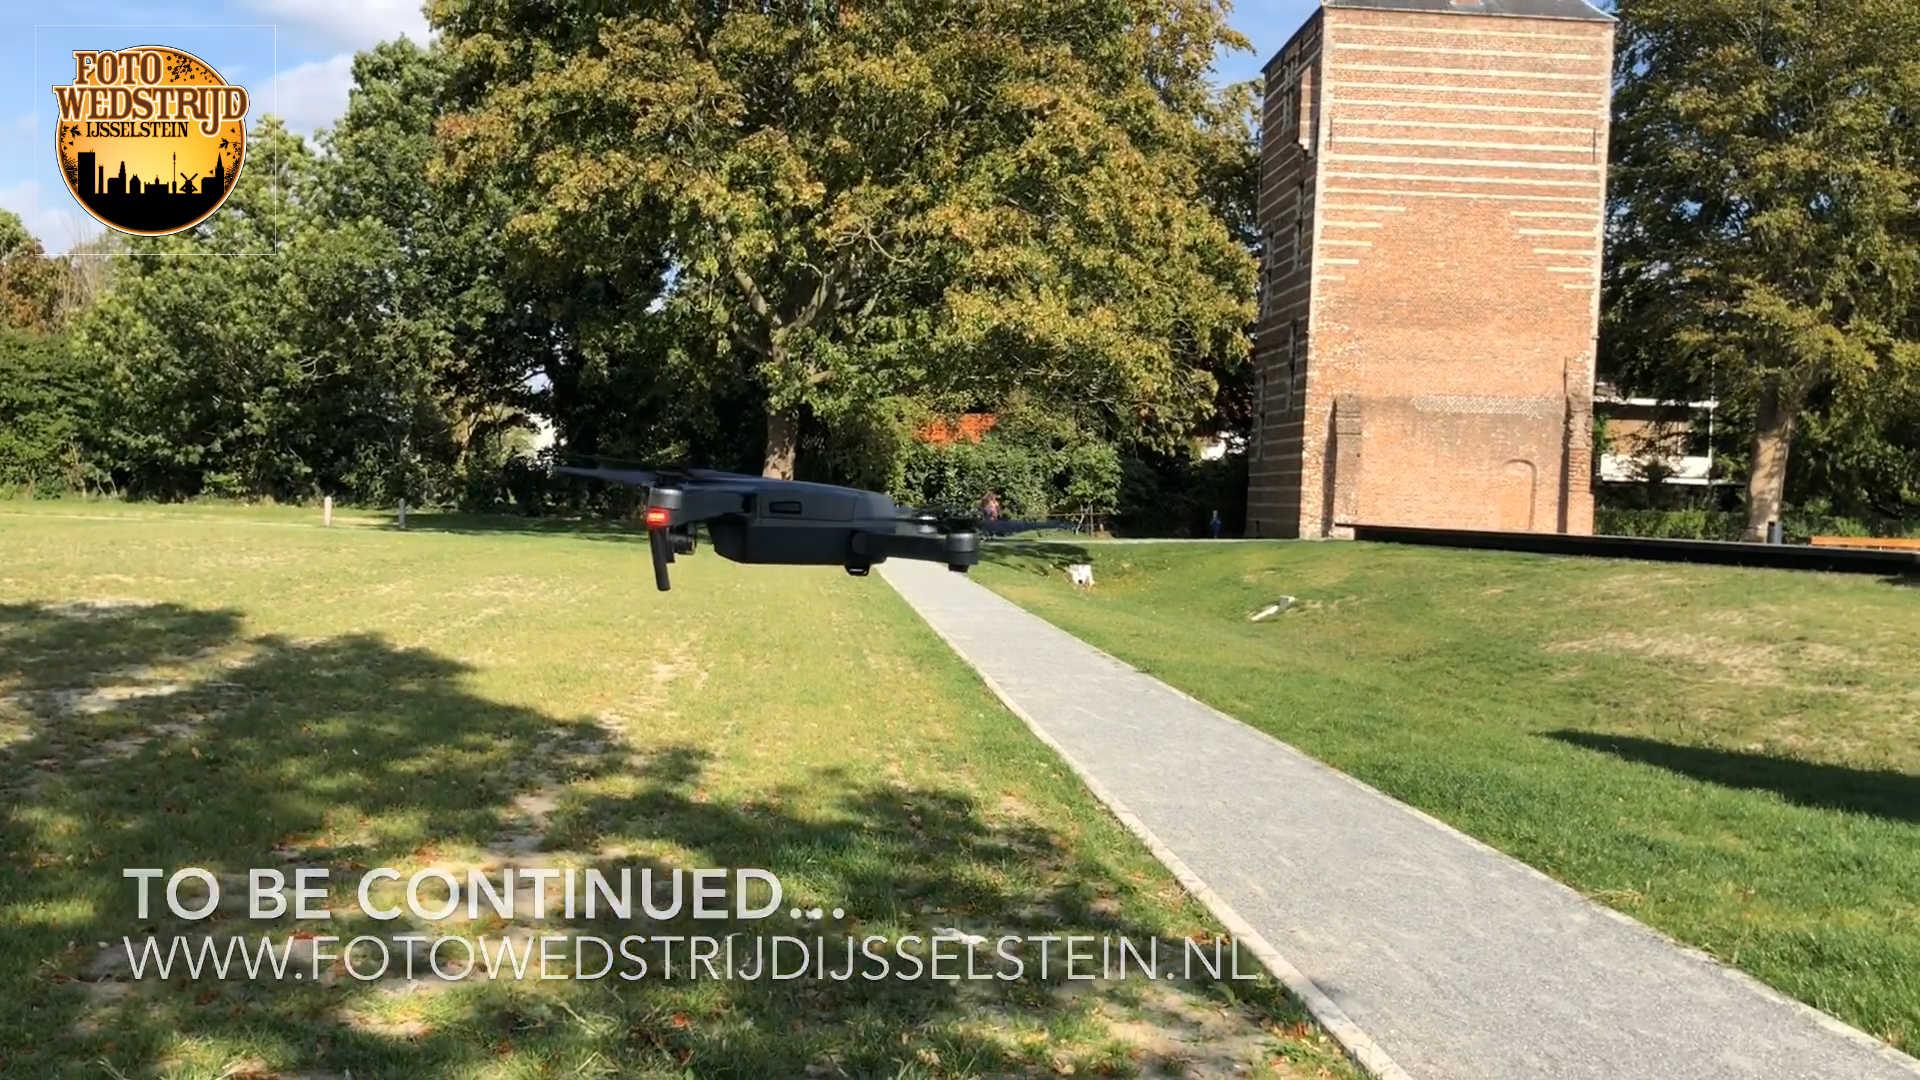 Fotowedstrijd IJsselstein 2018